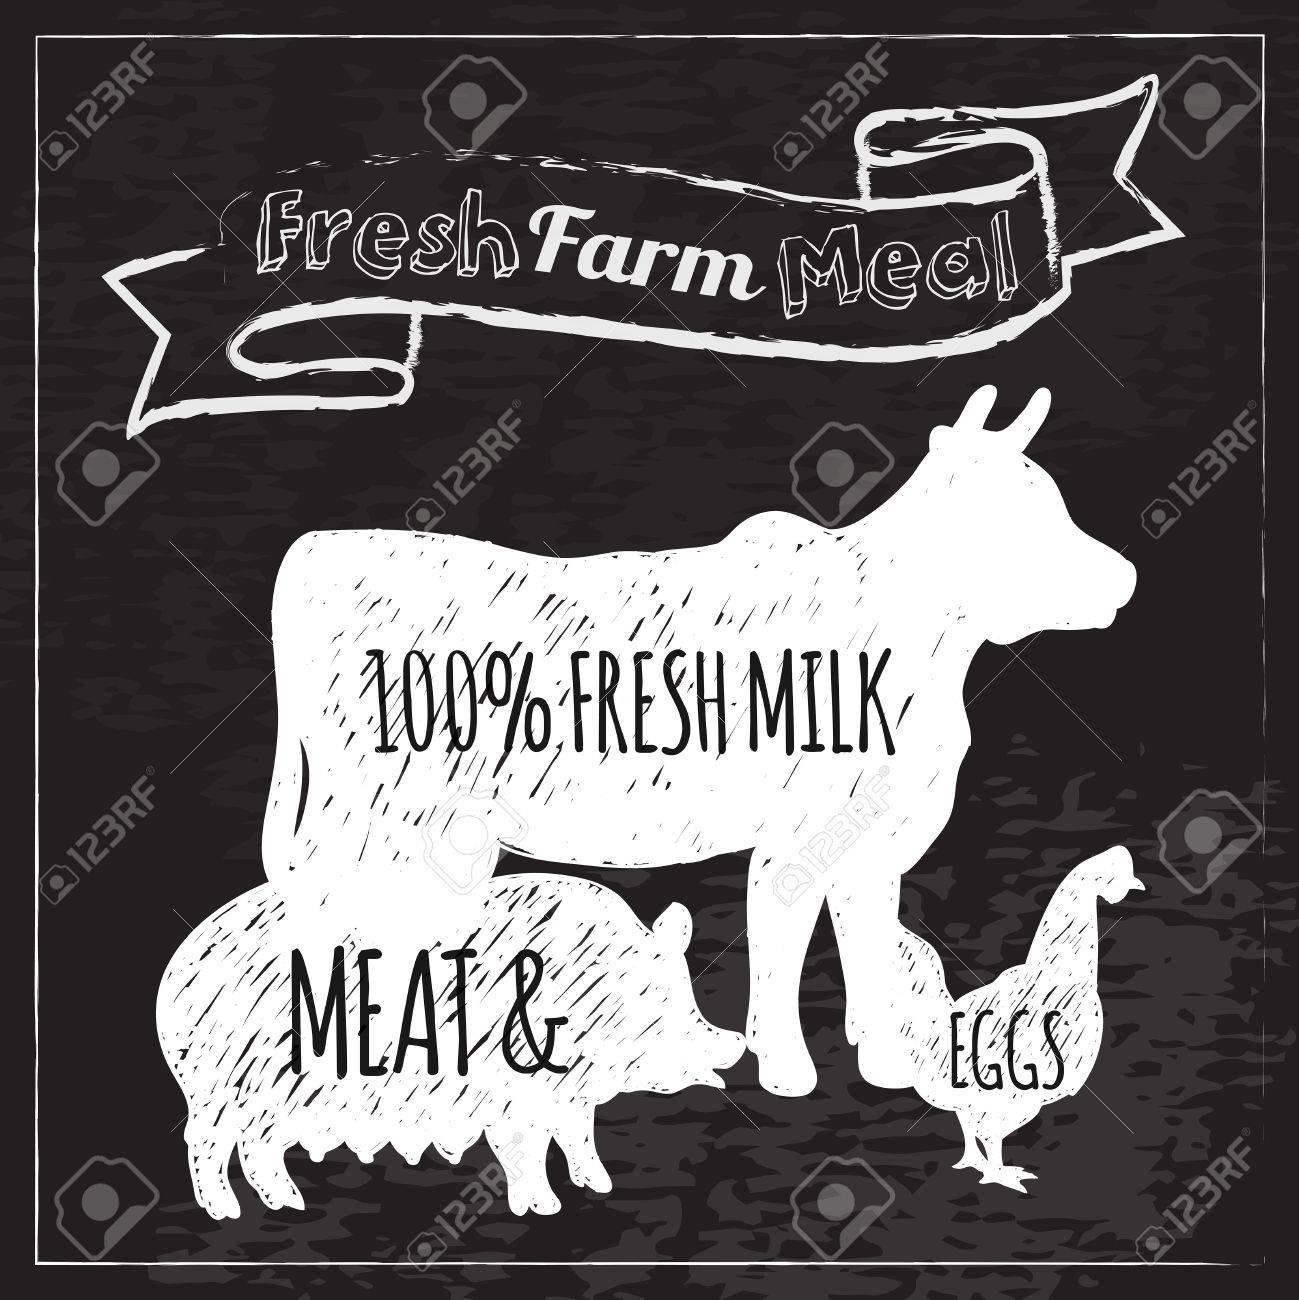 農場の動物と新鮮な牛乳肉や卵料理黒板ベクトル イラスト ポスター